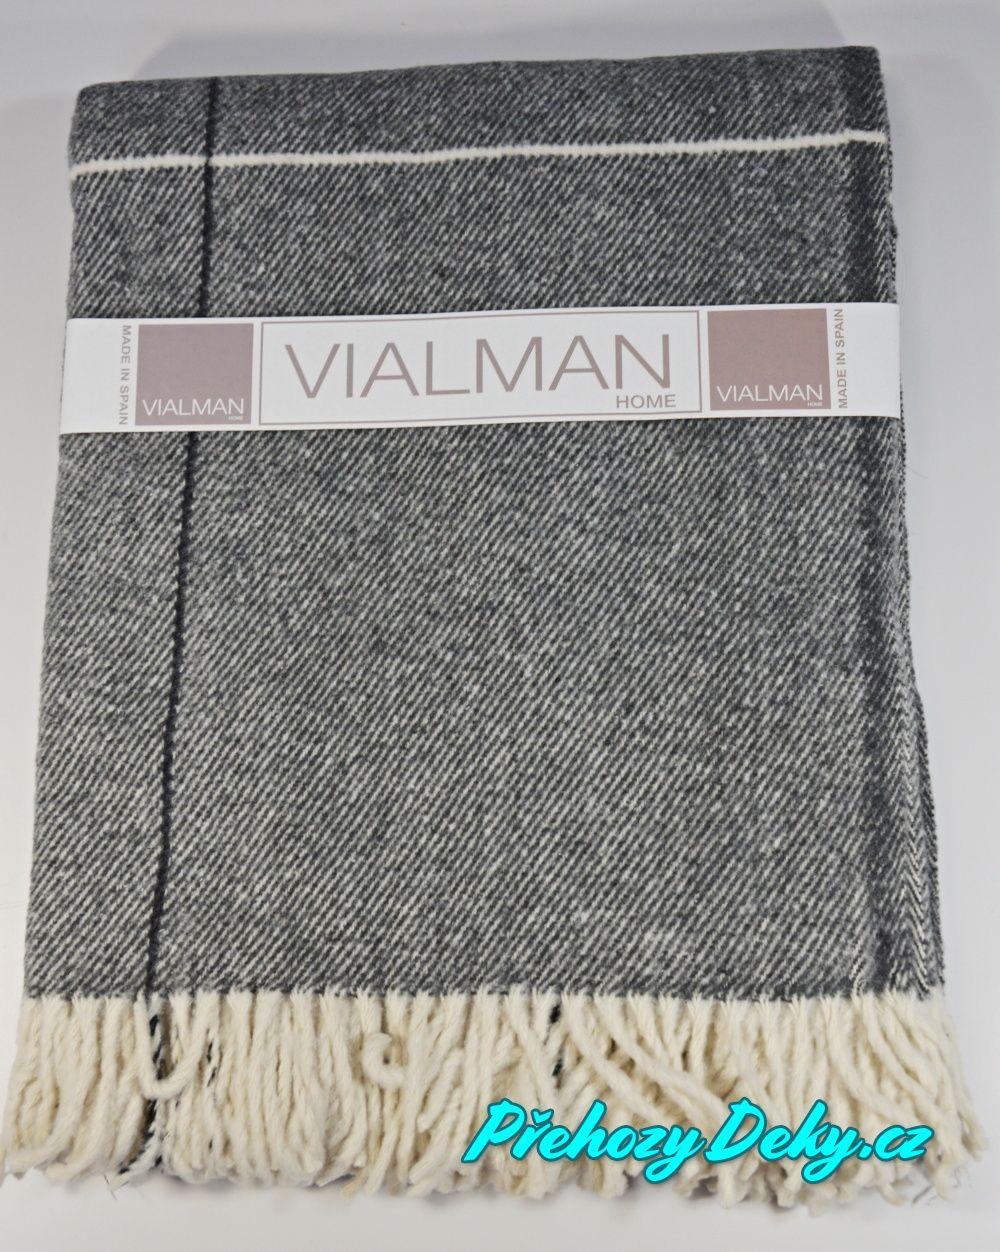 dámský pléd Vialman